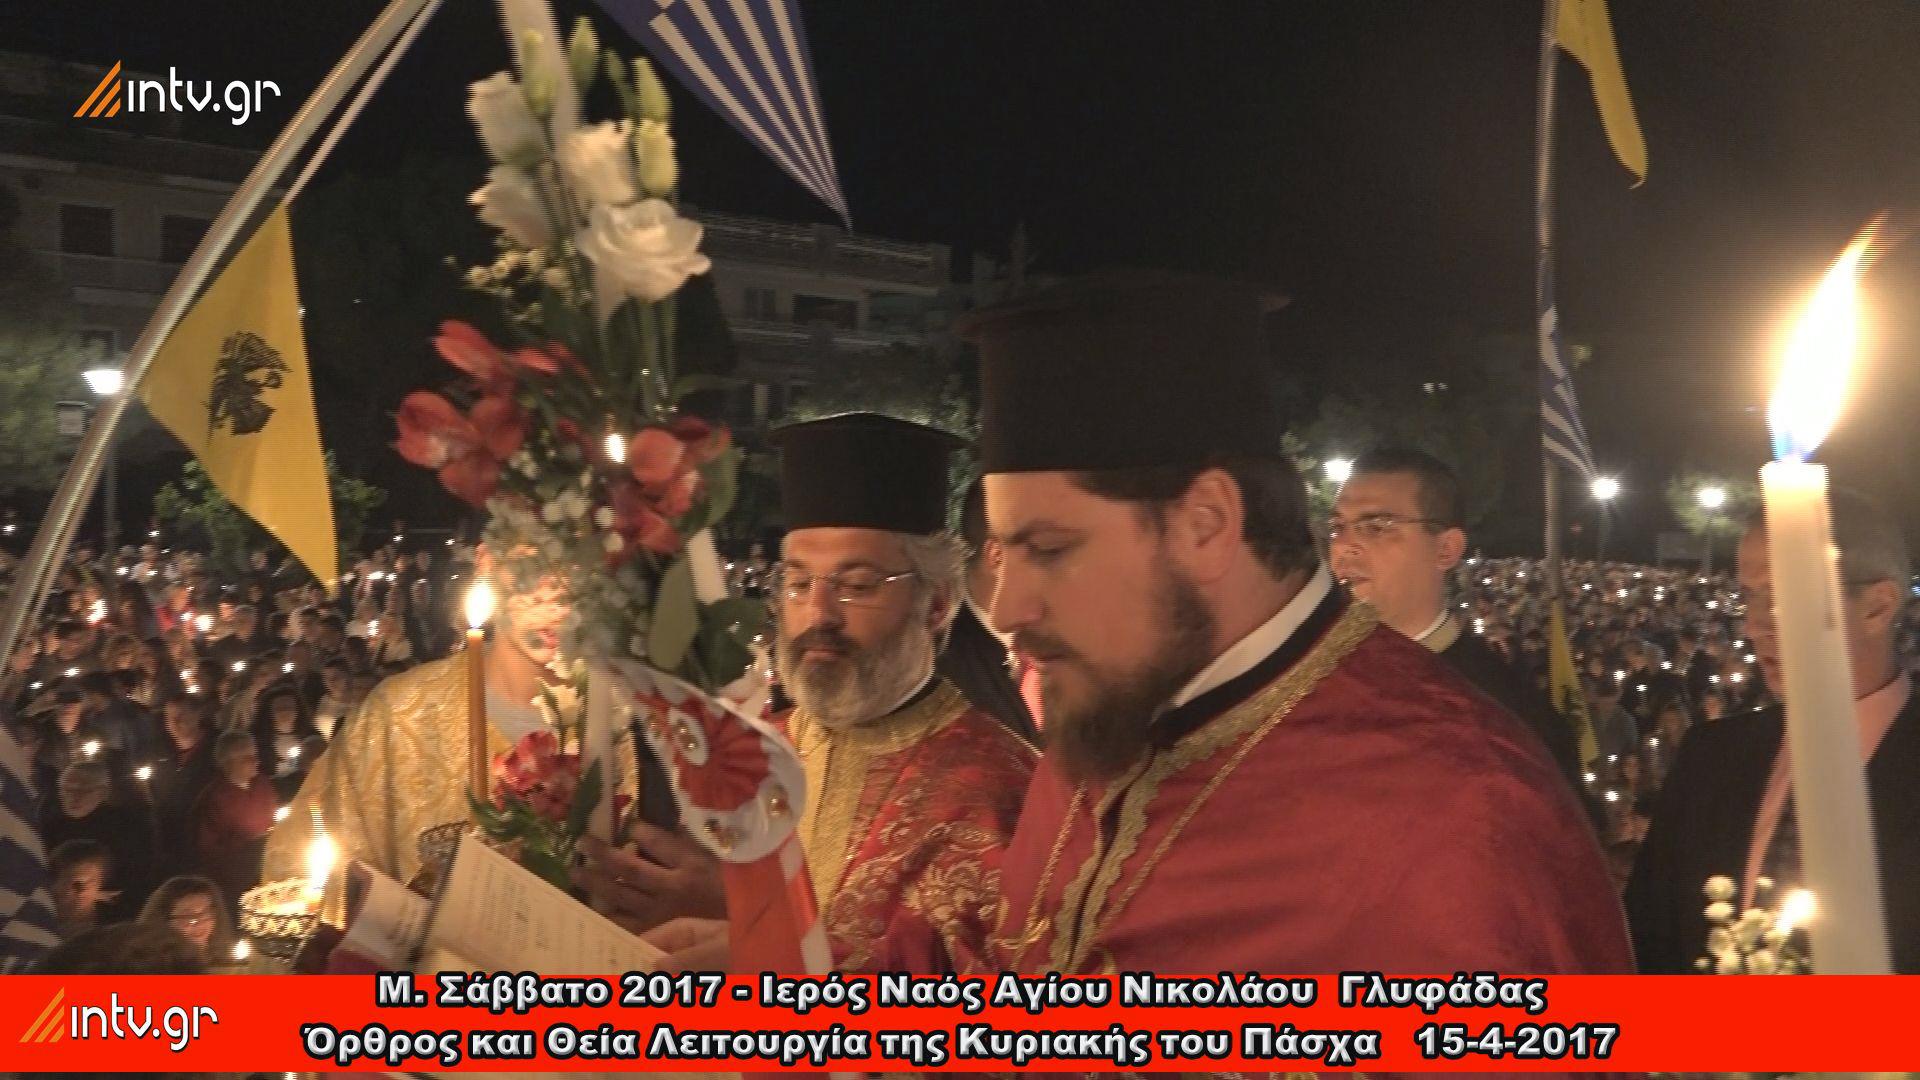 Μ. Σάββατο 2017 - Ιερός Ναός Αγίου Νικολάου  Γλυφάδας - Όρθρος και Θεία Λειτουργία της Κυριακής του Πάσχα